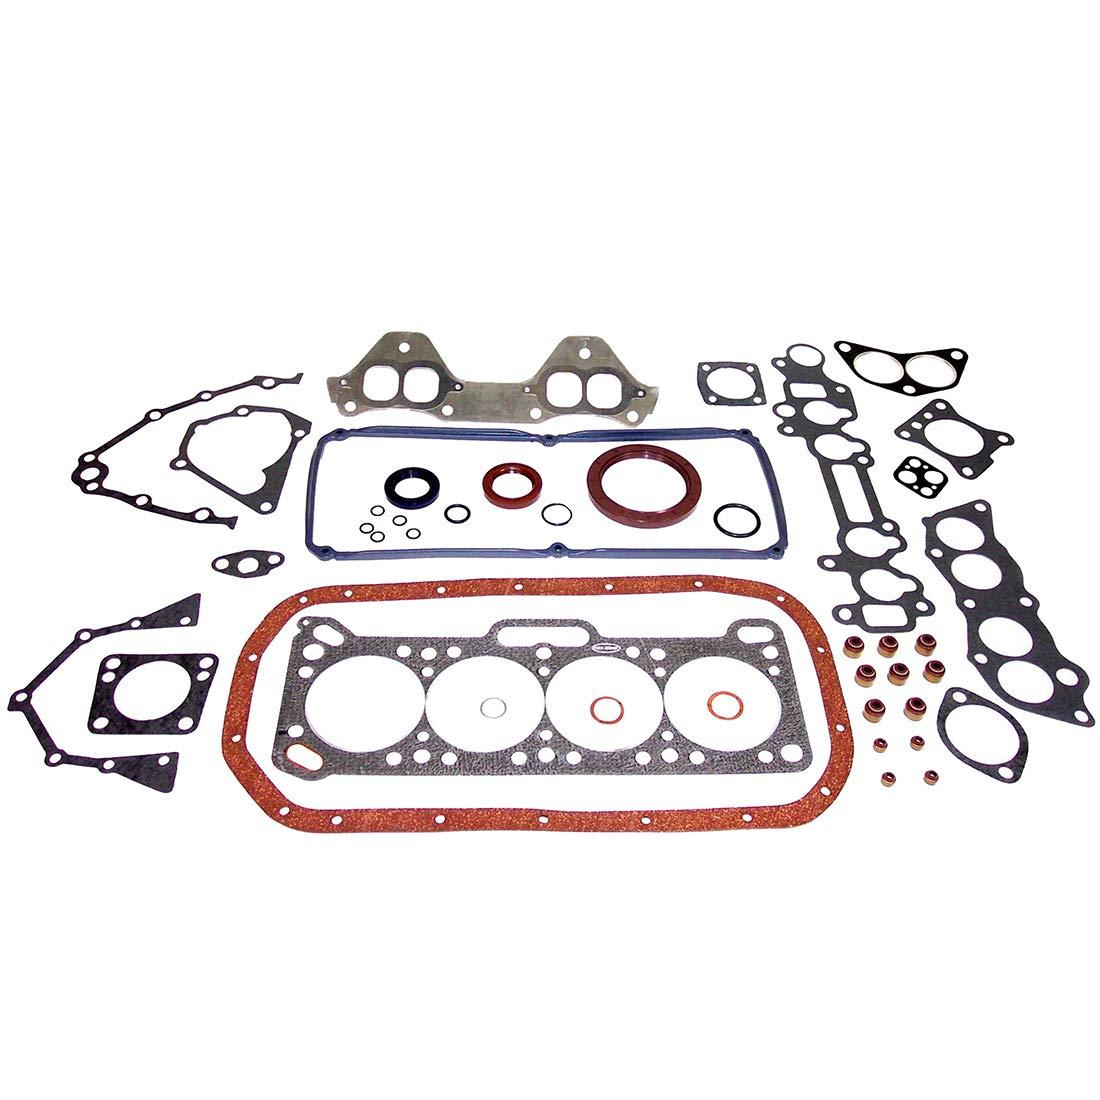 Engine Rebuild Kit Fits 87-94 Dodge Hyundai Colt Excel 1.5L L4 SOHC 8v 4G15